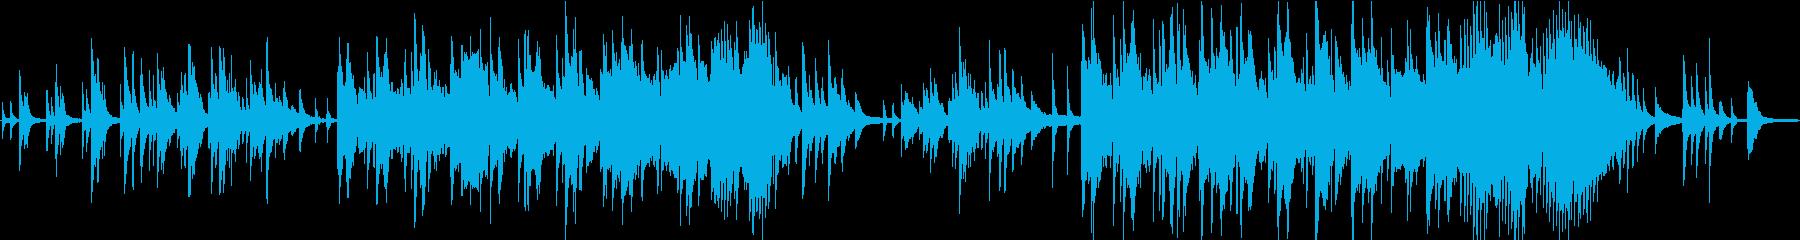 変拍子の爽やかなピアノソロの再生済みの波形